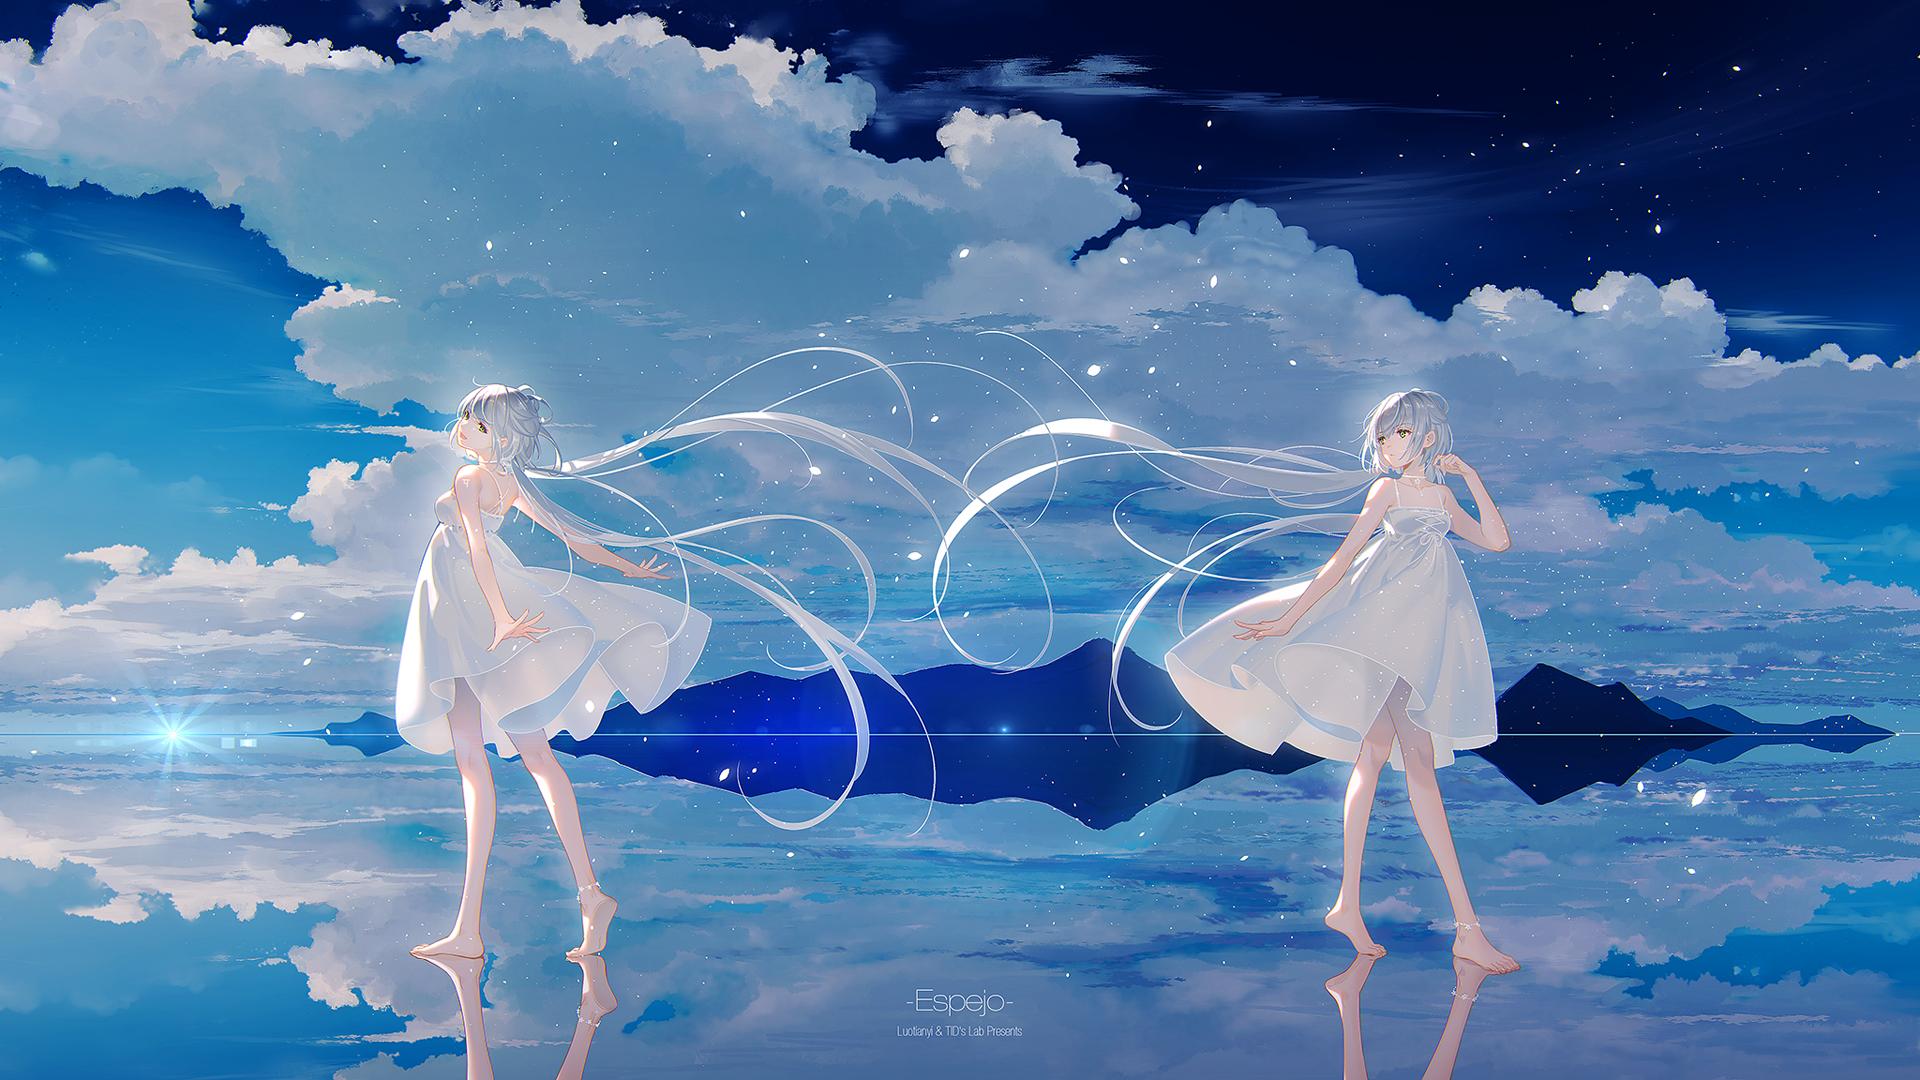 洛天依 白色裙子 赤脚 天空 云 唯美好看动漫壁纸